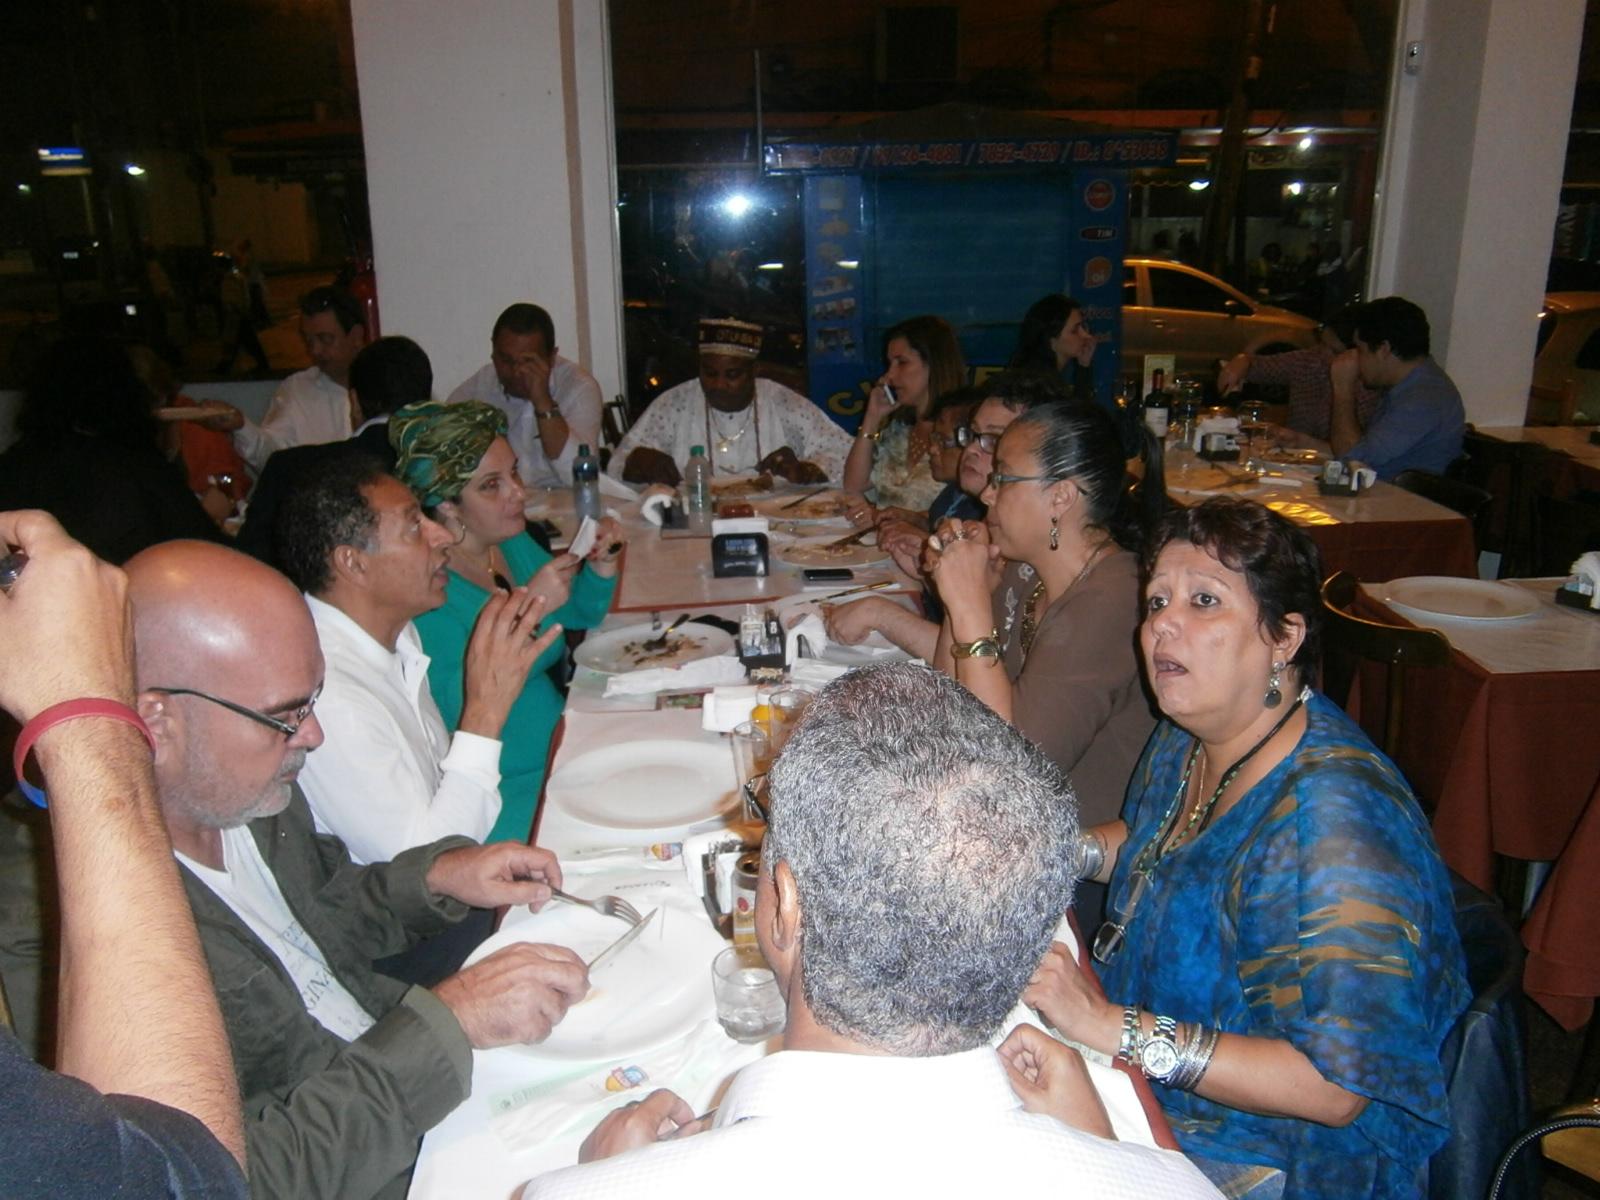 Jantar com amigos e convidados